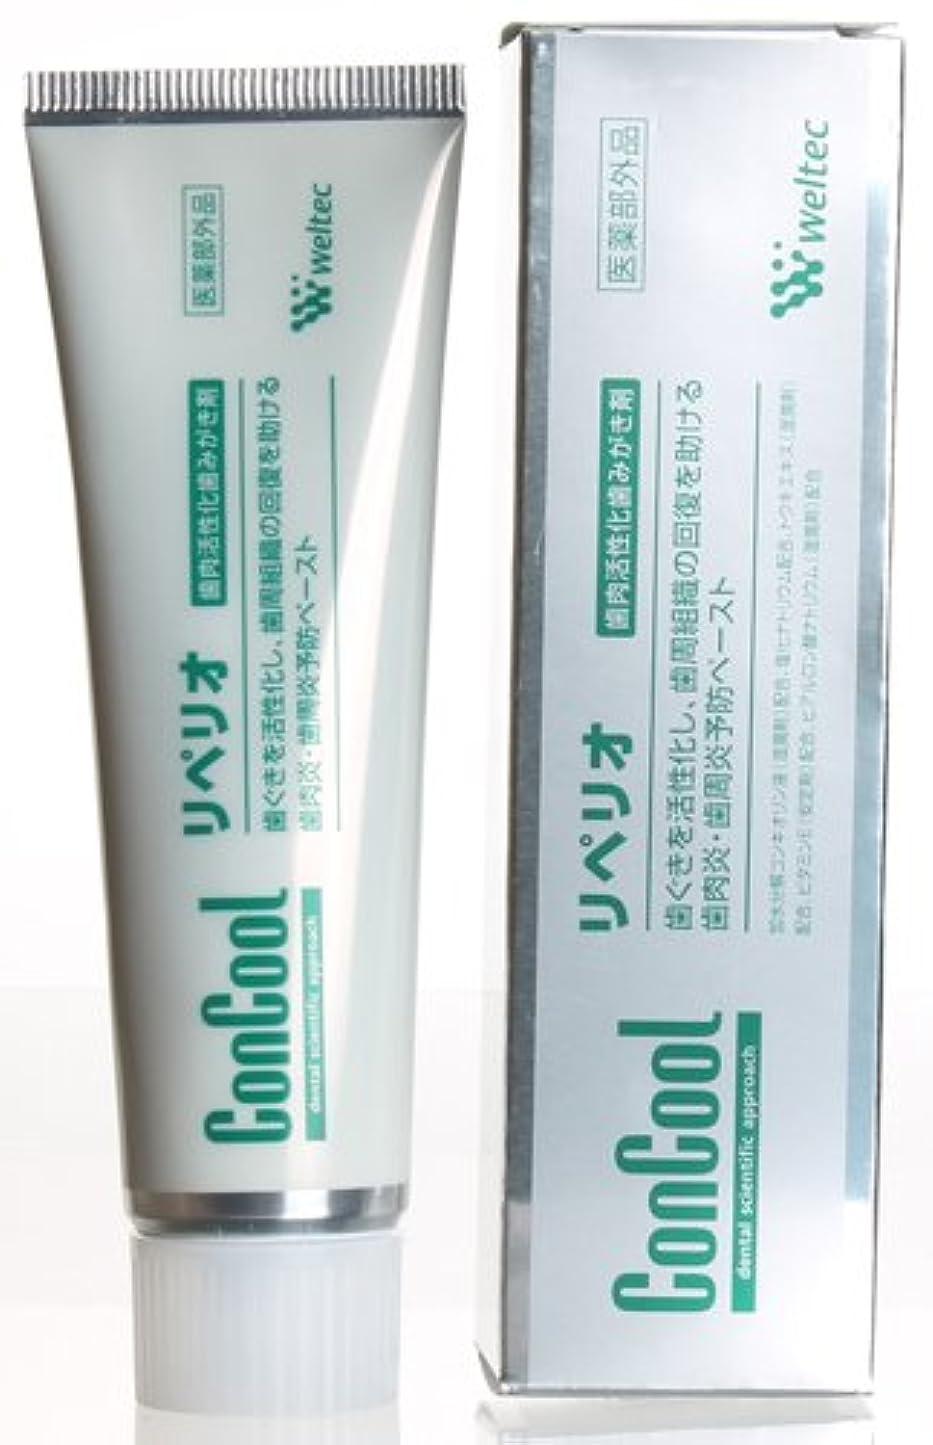 テキスト苦行トロリーコンクール リペリオ(薬用歯磨材)